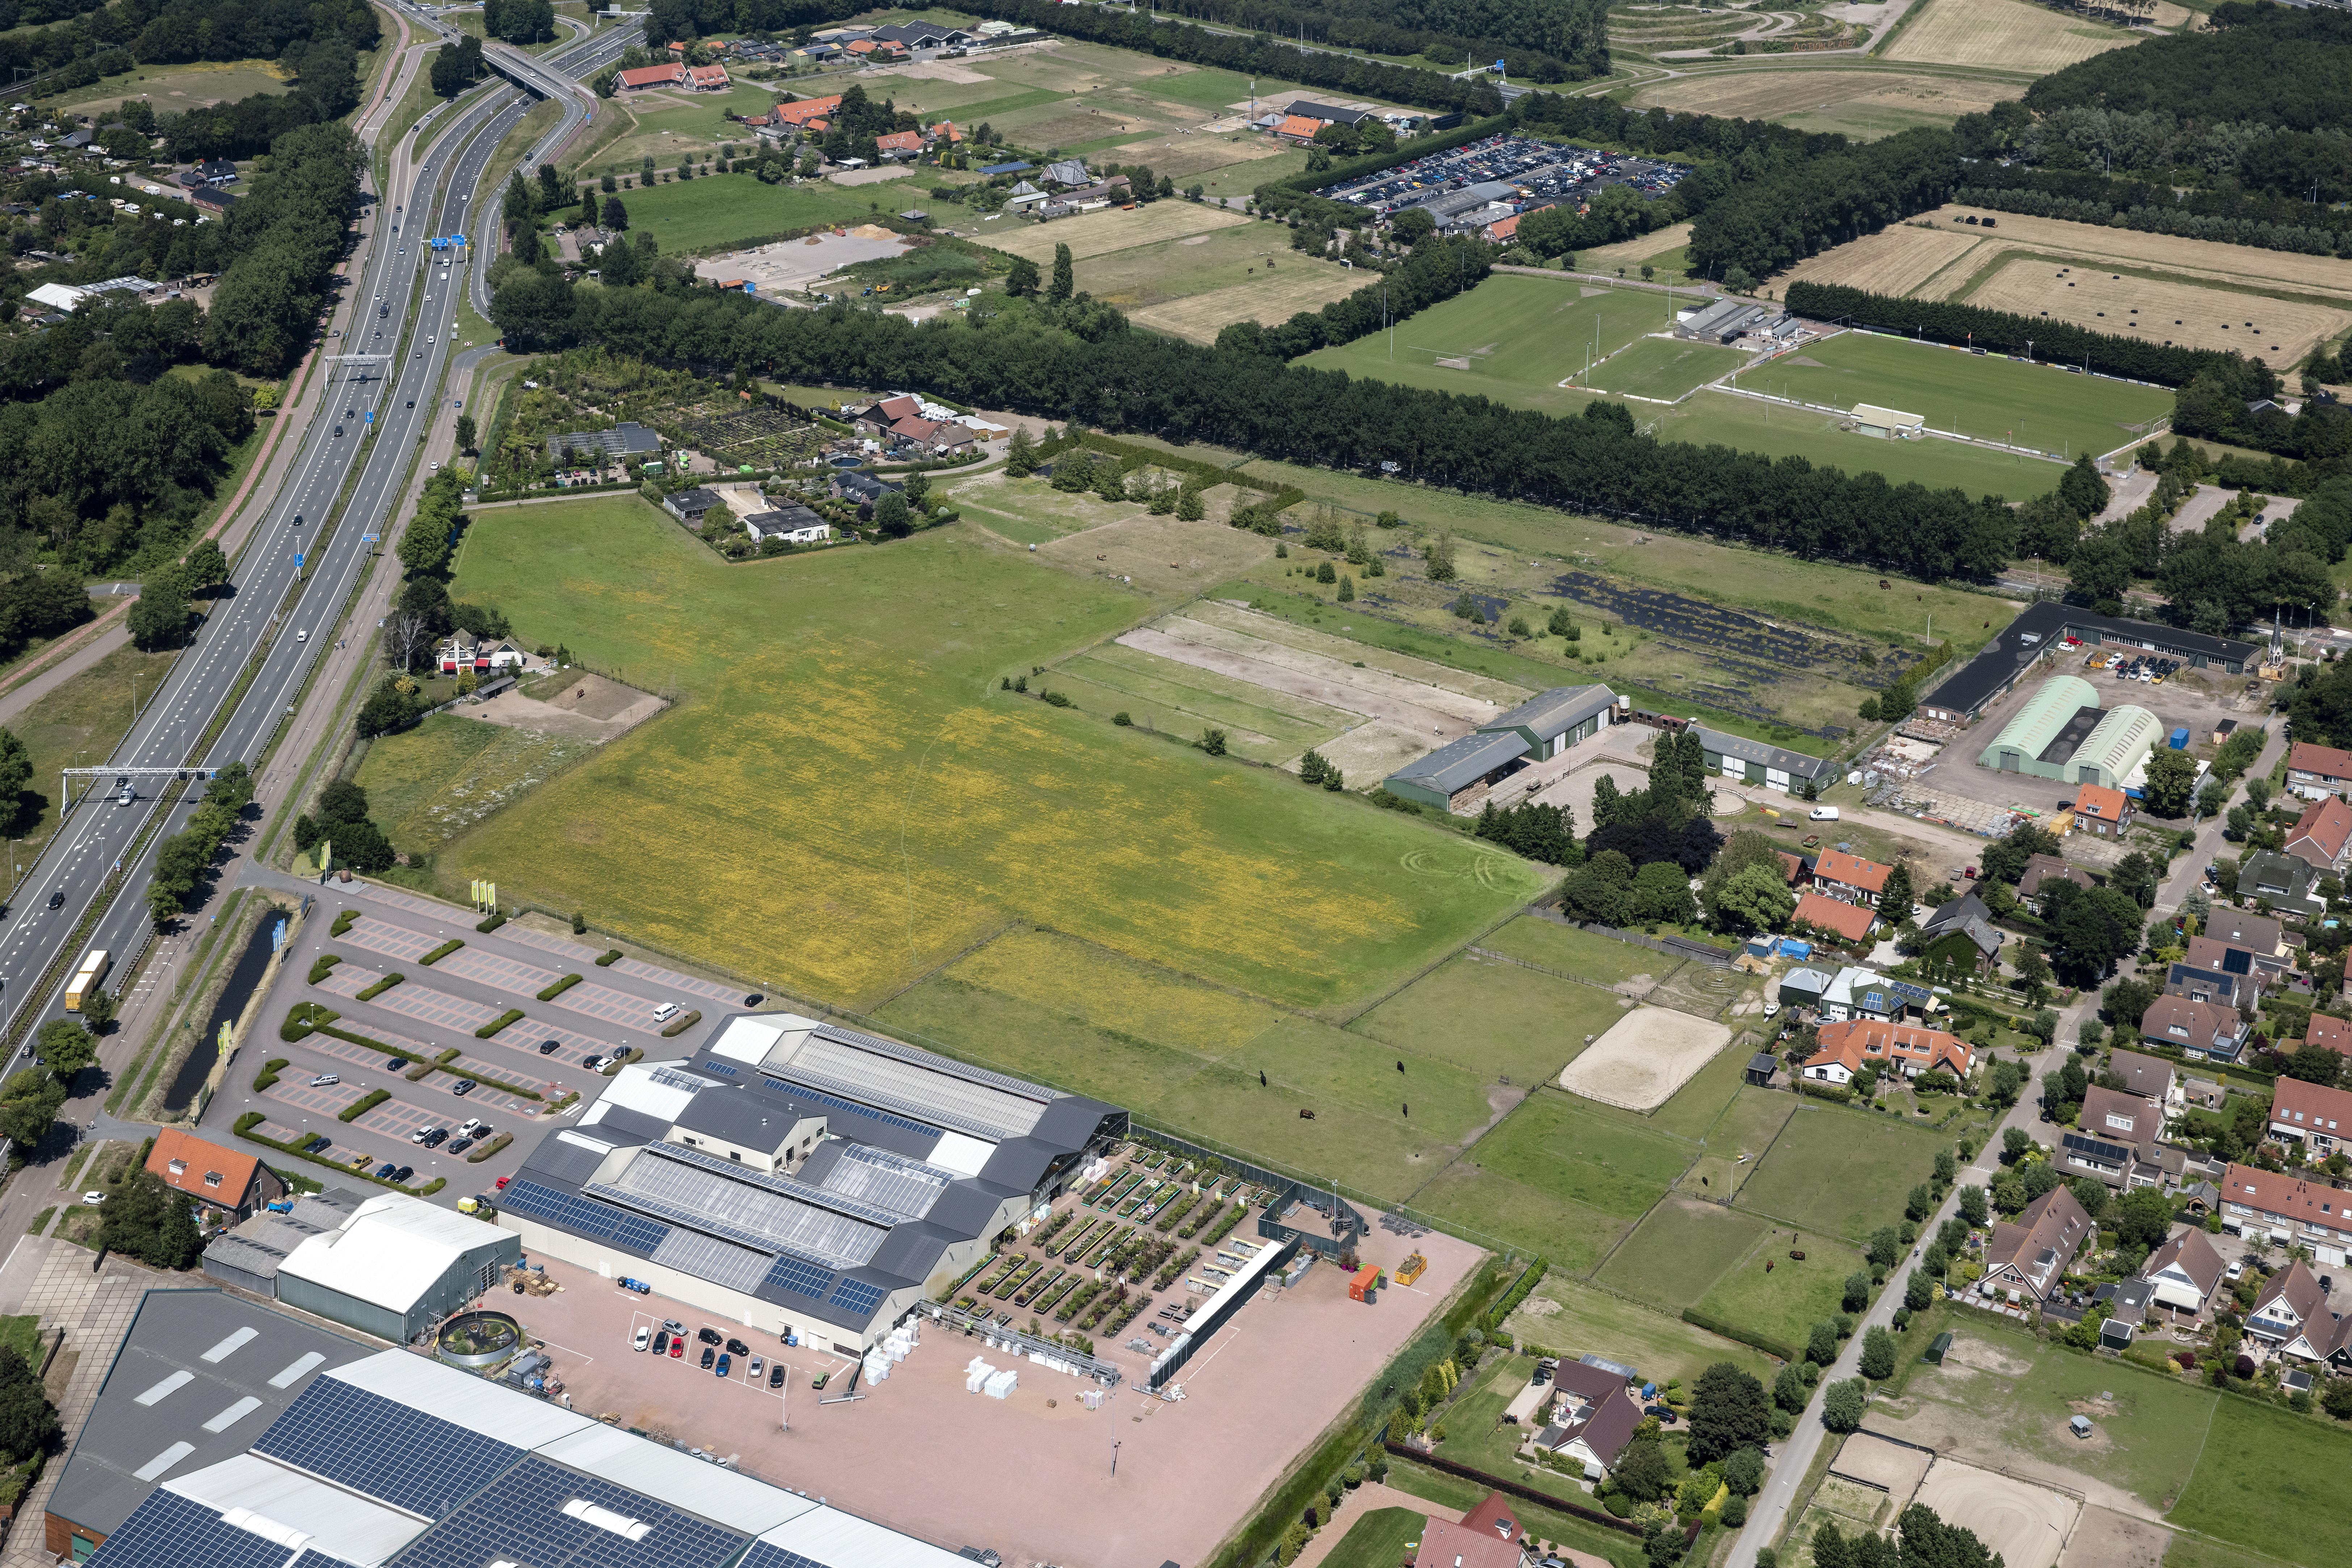 Velserbroekse voetbalvereniging VSV verliest rechtszaak: sportclub komt niet onder contract uit voor verkoop grond aan projectontwikkelaar